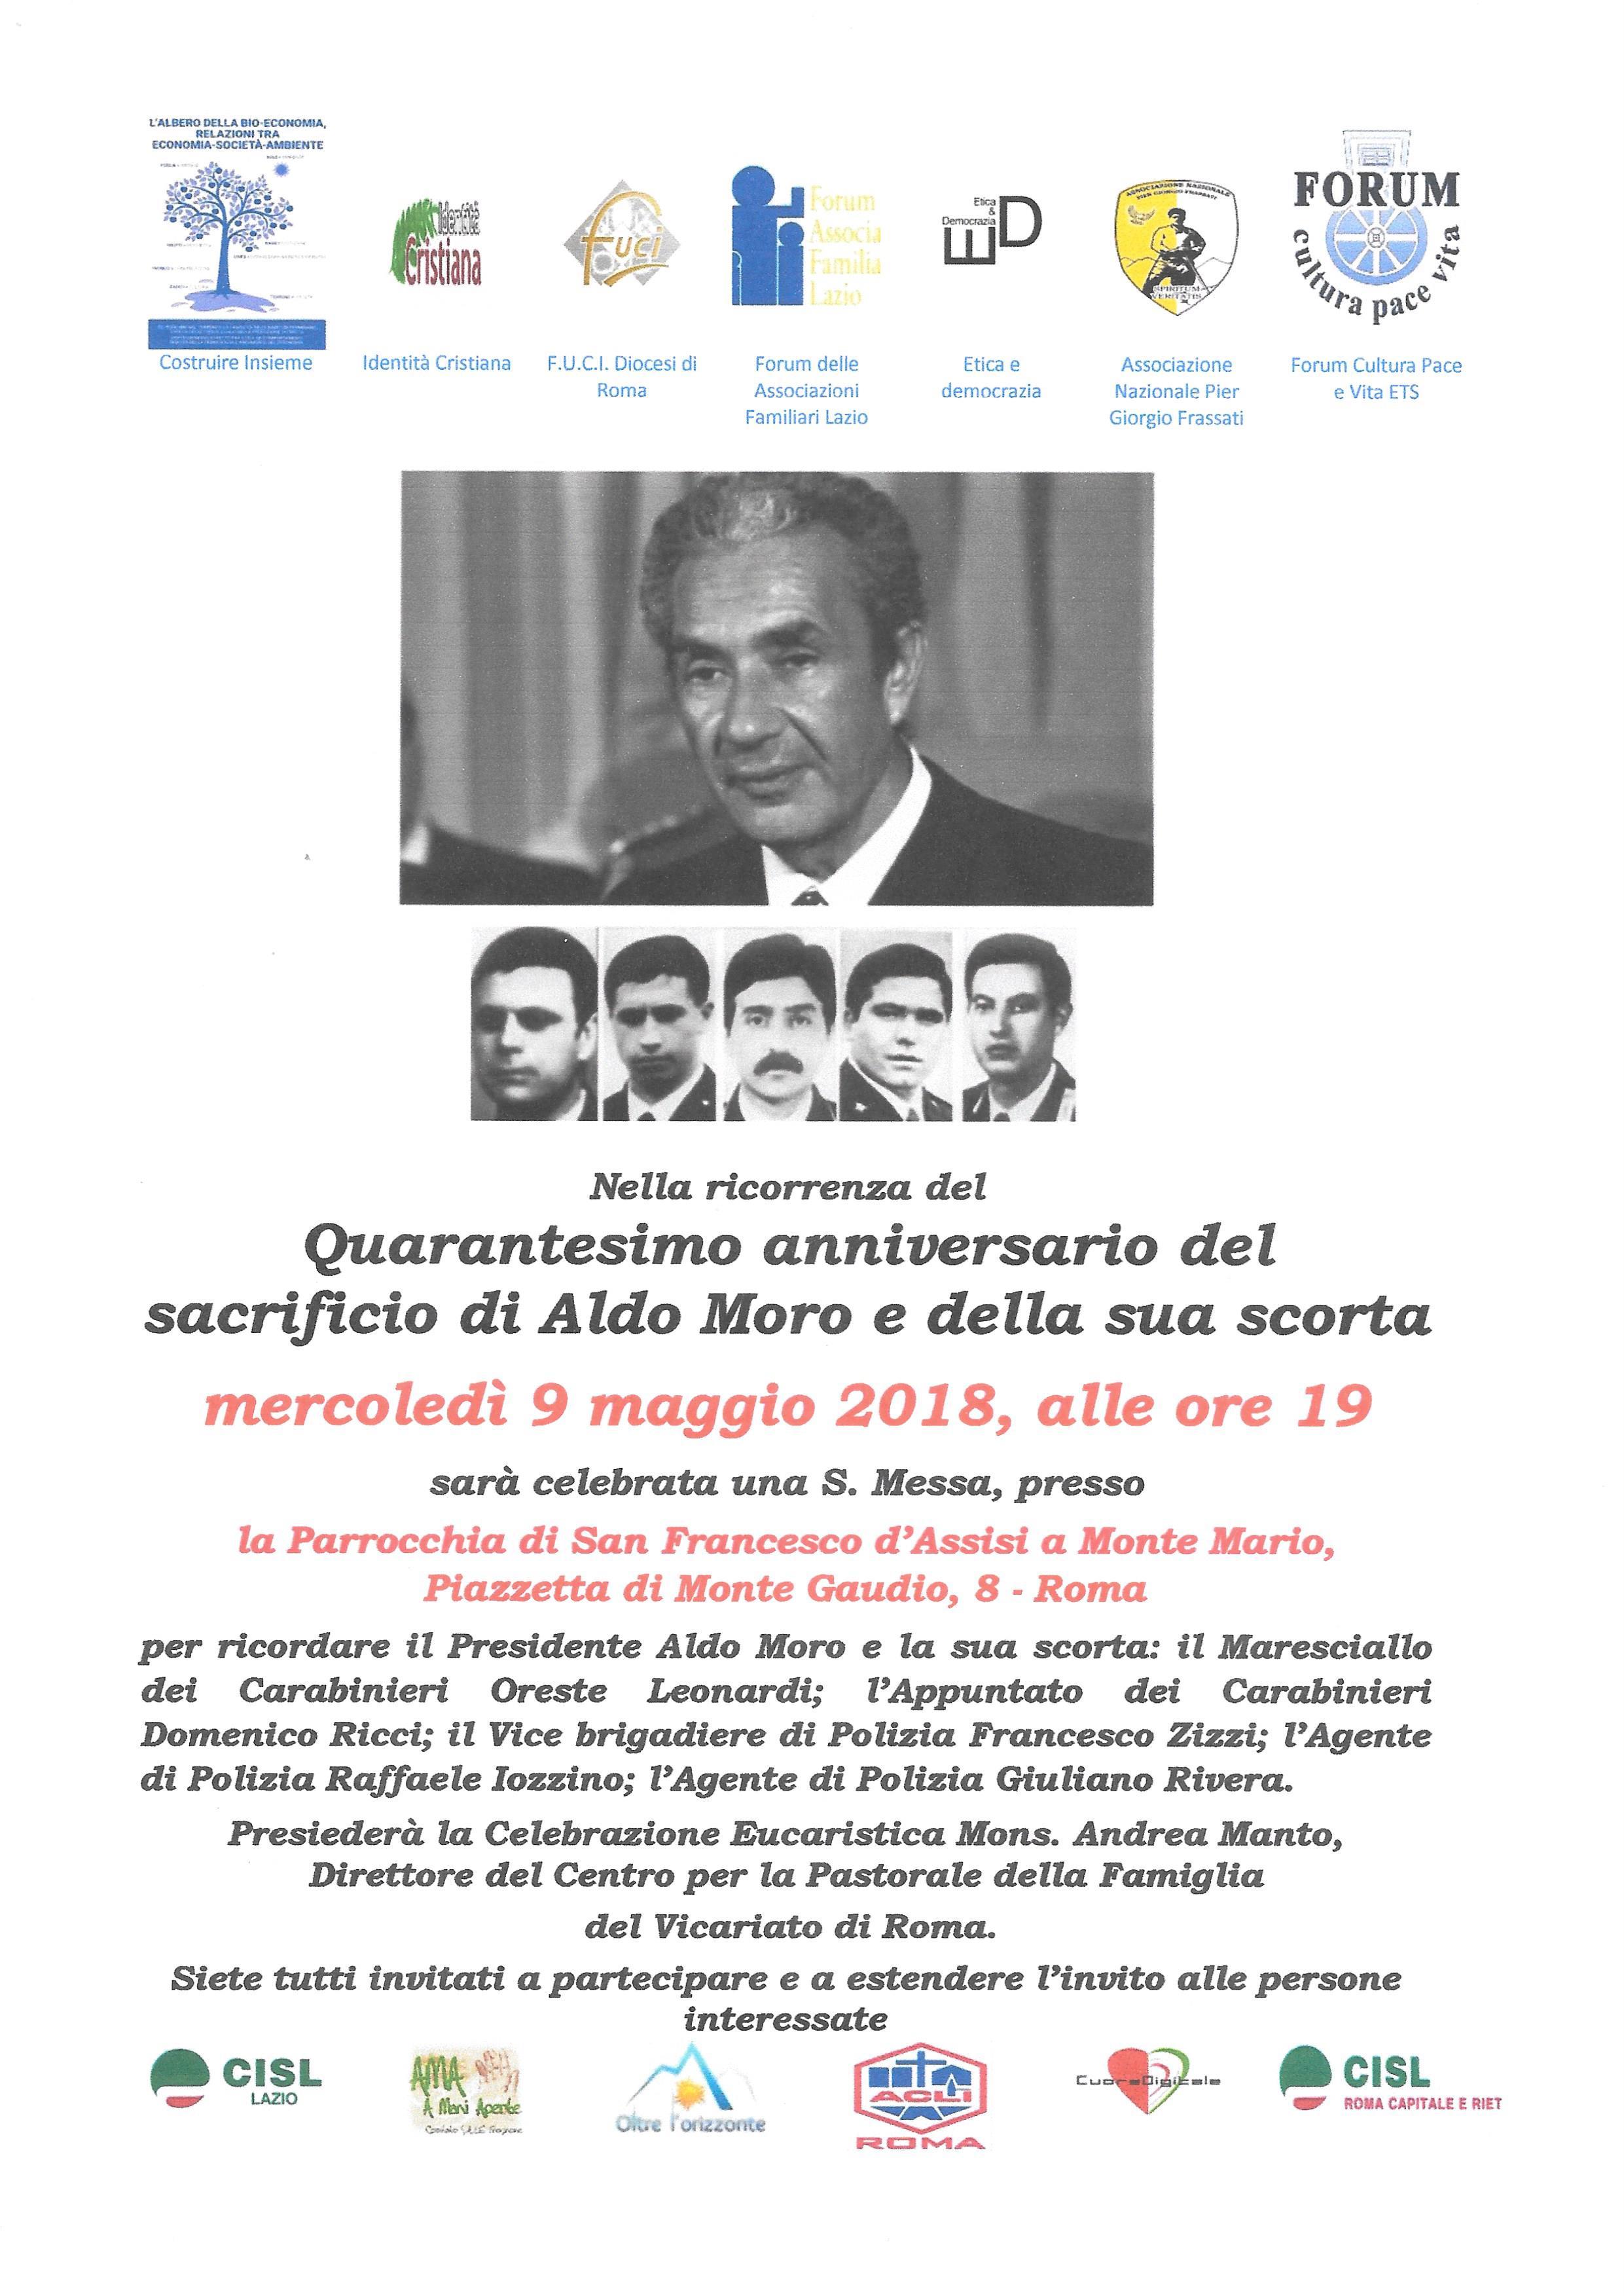 S. Messa nel Quarantesimo anniversario del sacrificio di Aldo Moro e della sua scorta